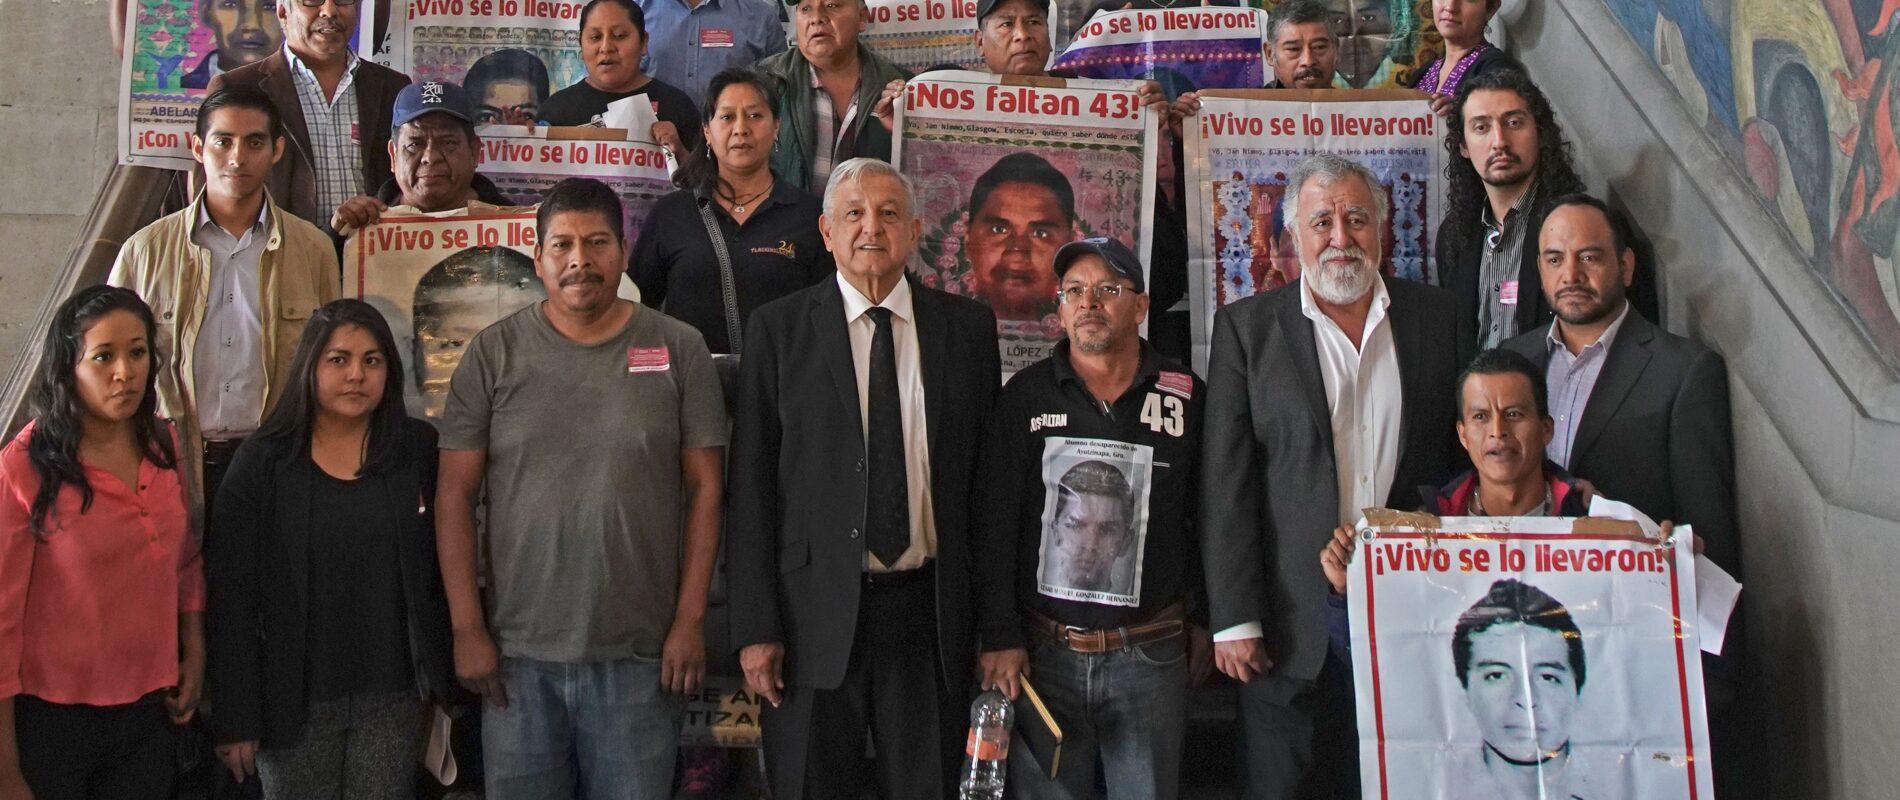 Encontramos documentos muy importantes sobre el caso Ayotzinapa: AMLO